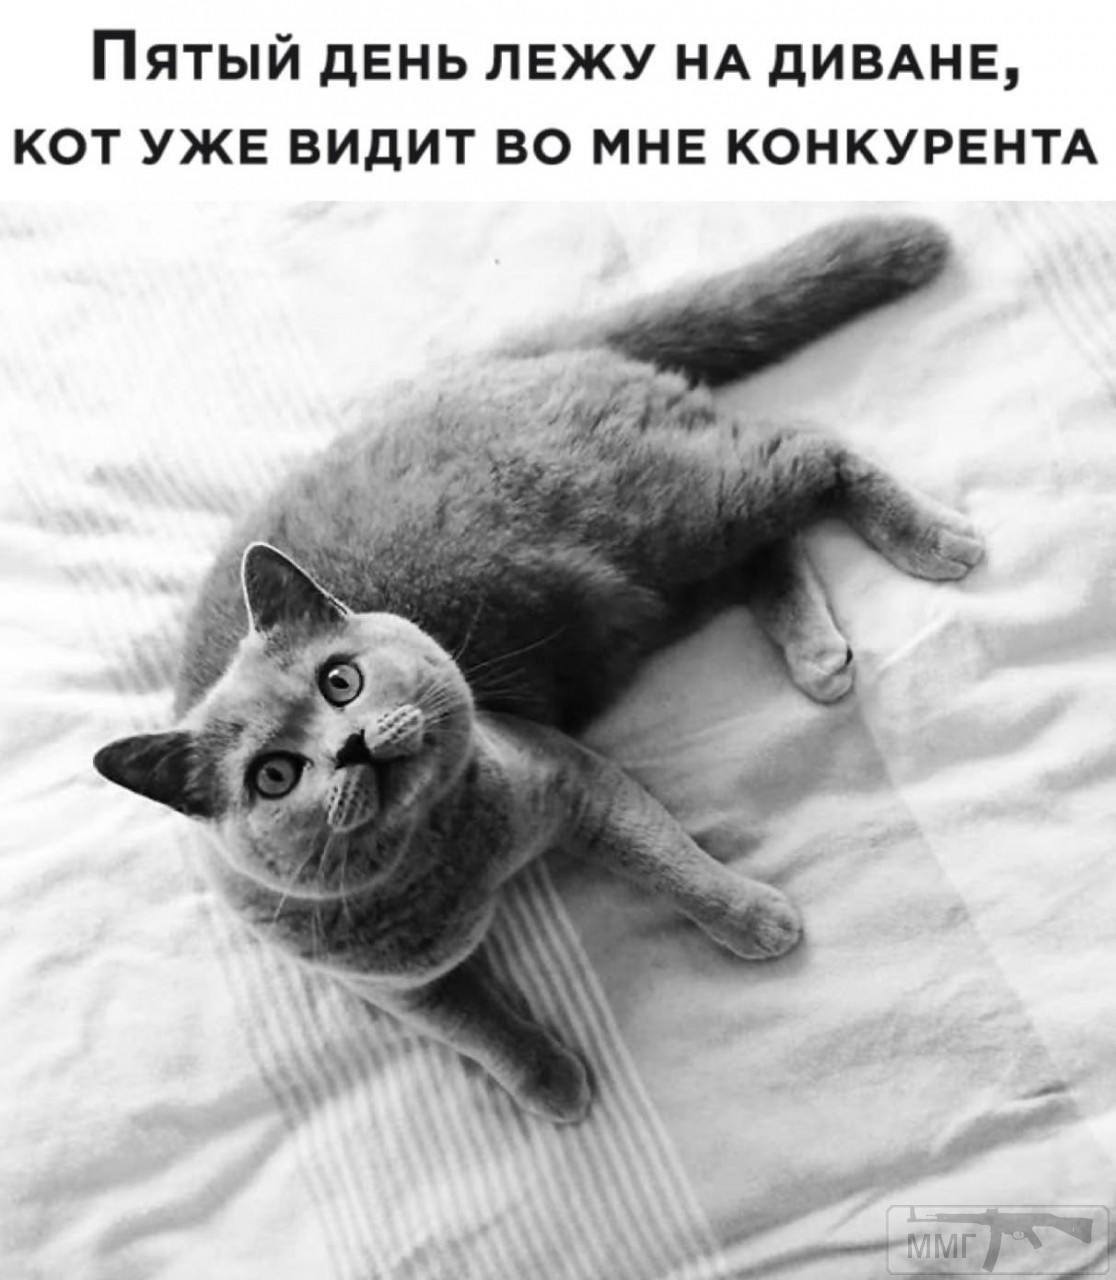 96892 - Смешные видео и фото с животными.